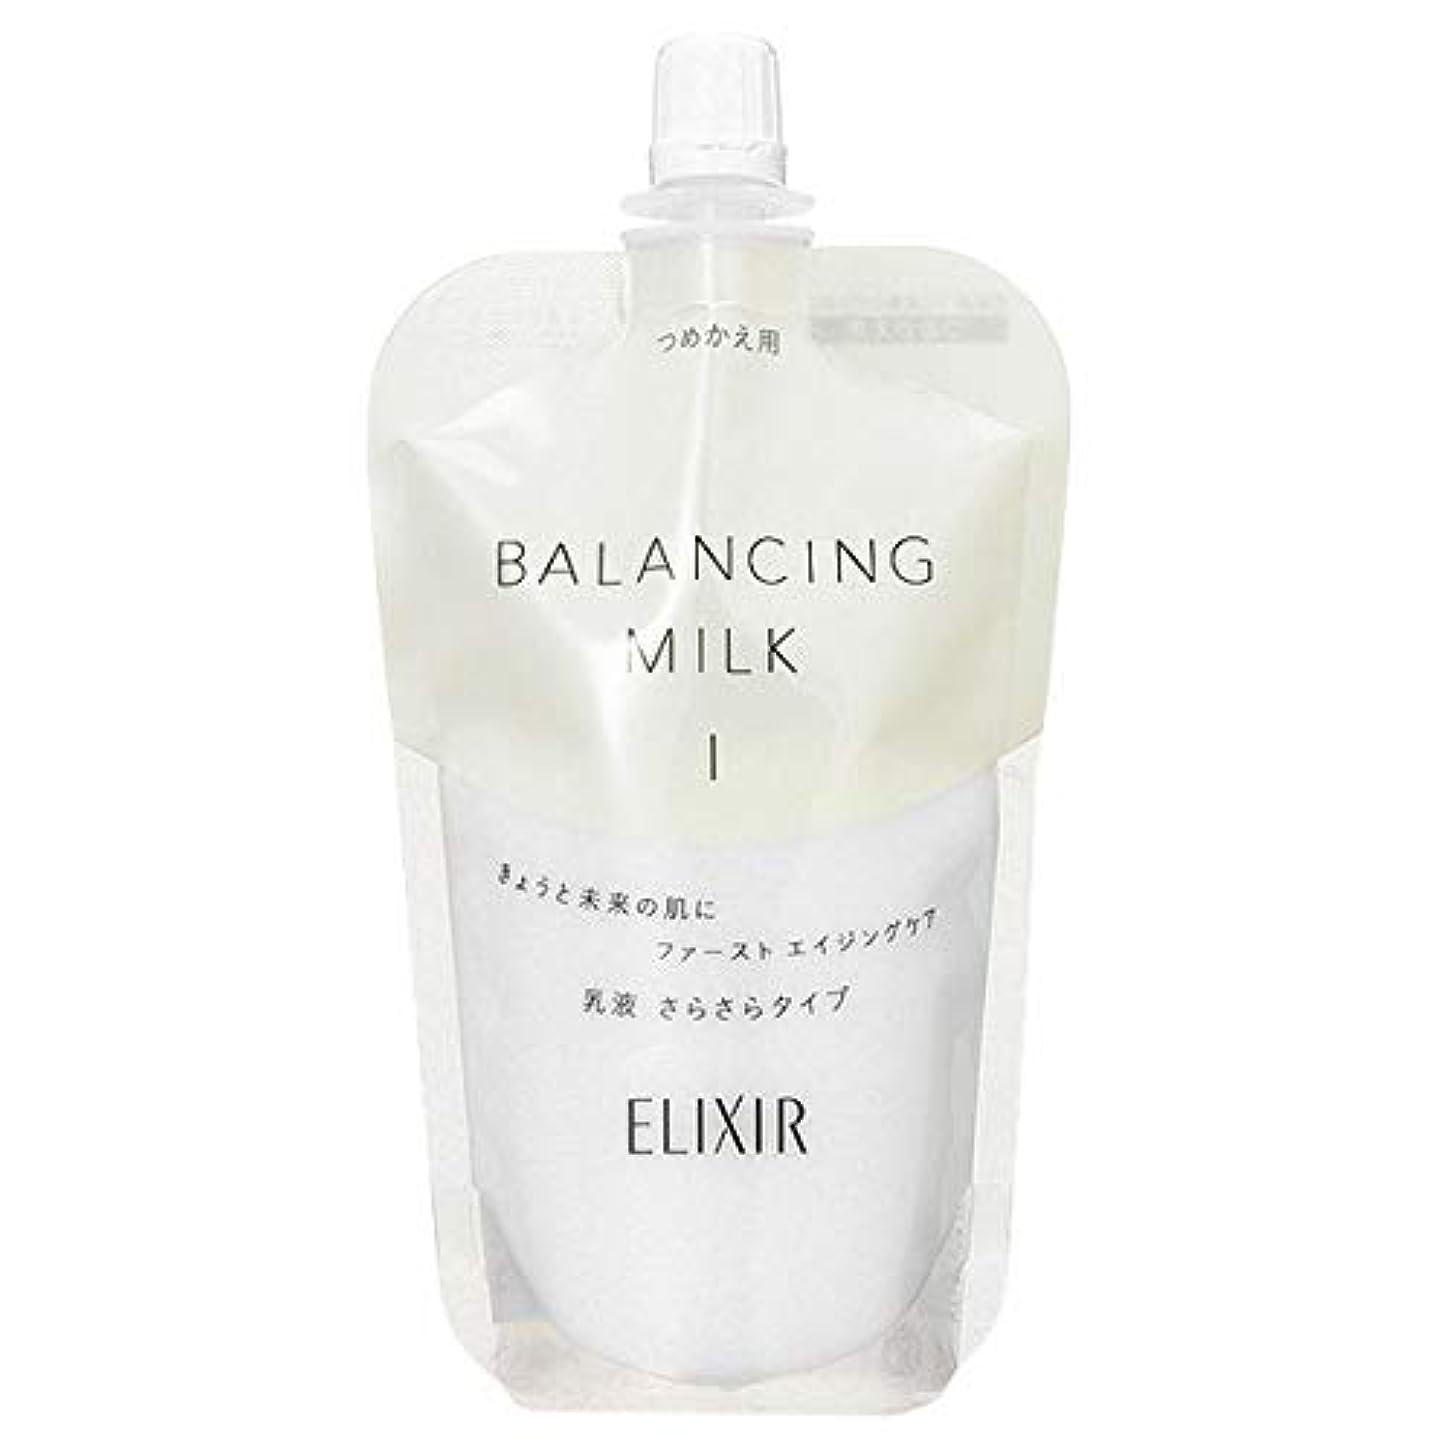 ソース謝罪邪魔するシセイドウ 資生堂 エリクシール ルフレ バランシング ミルク (つめかえ用) 110mL II とろとろタイプ (在庫) [並行輸入品]